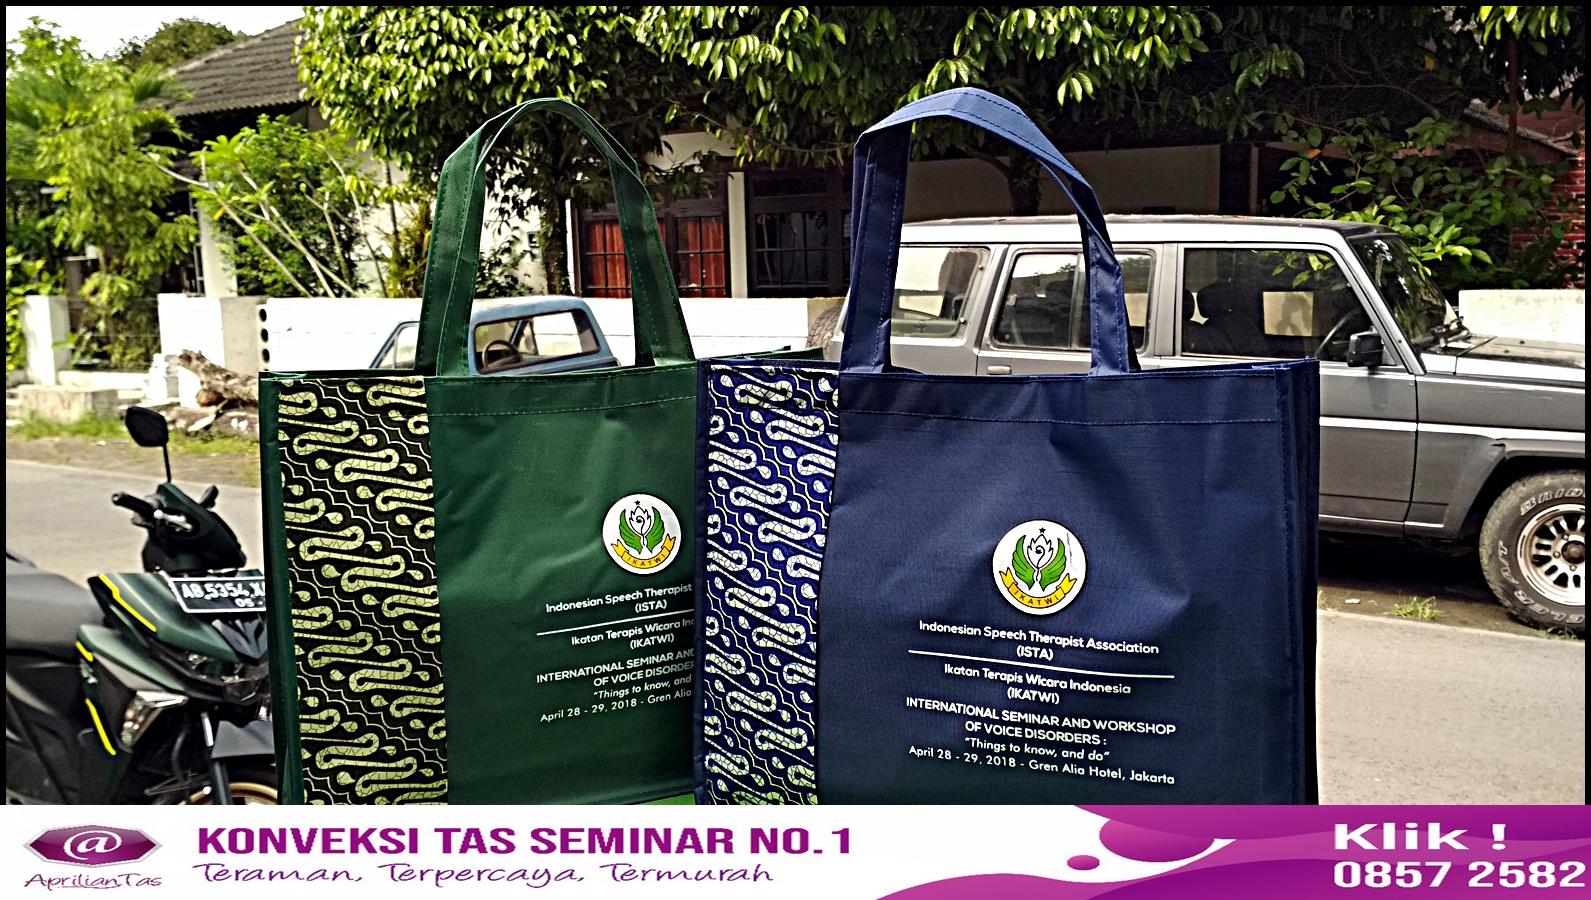 Pesan Tas Seminar Bandung Harga Irit di Pembuat Tas Terpercaya  pembuatan tas surabaya,konveksi tas kulit jakarta,konveksi tas bandung,